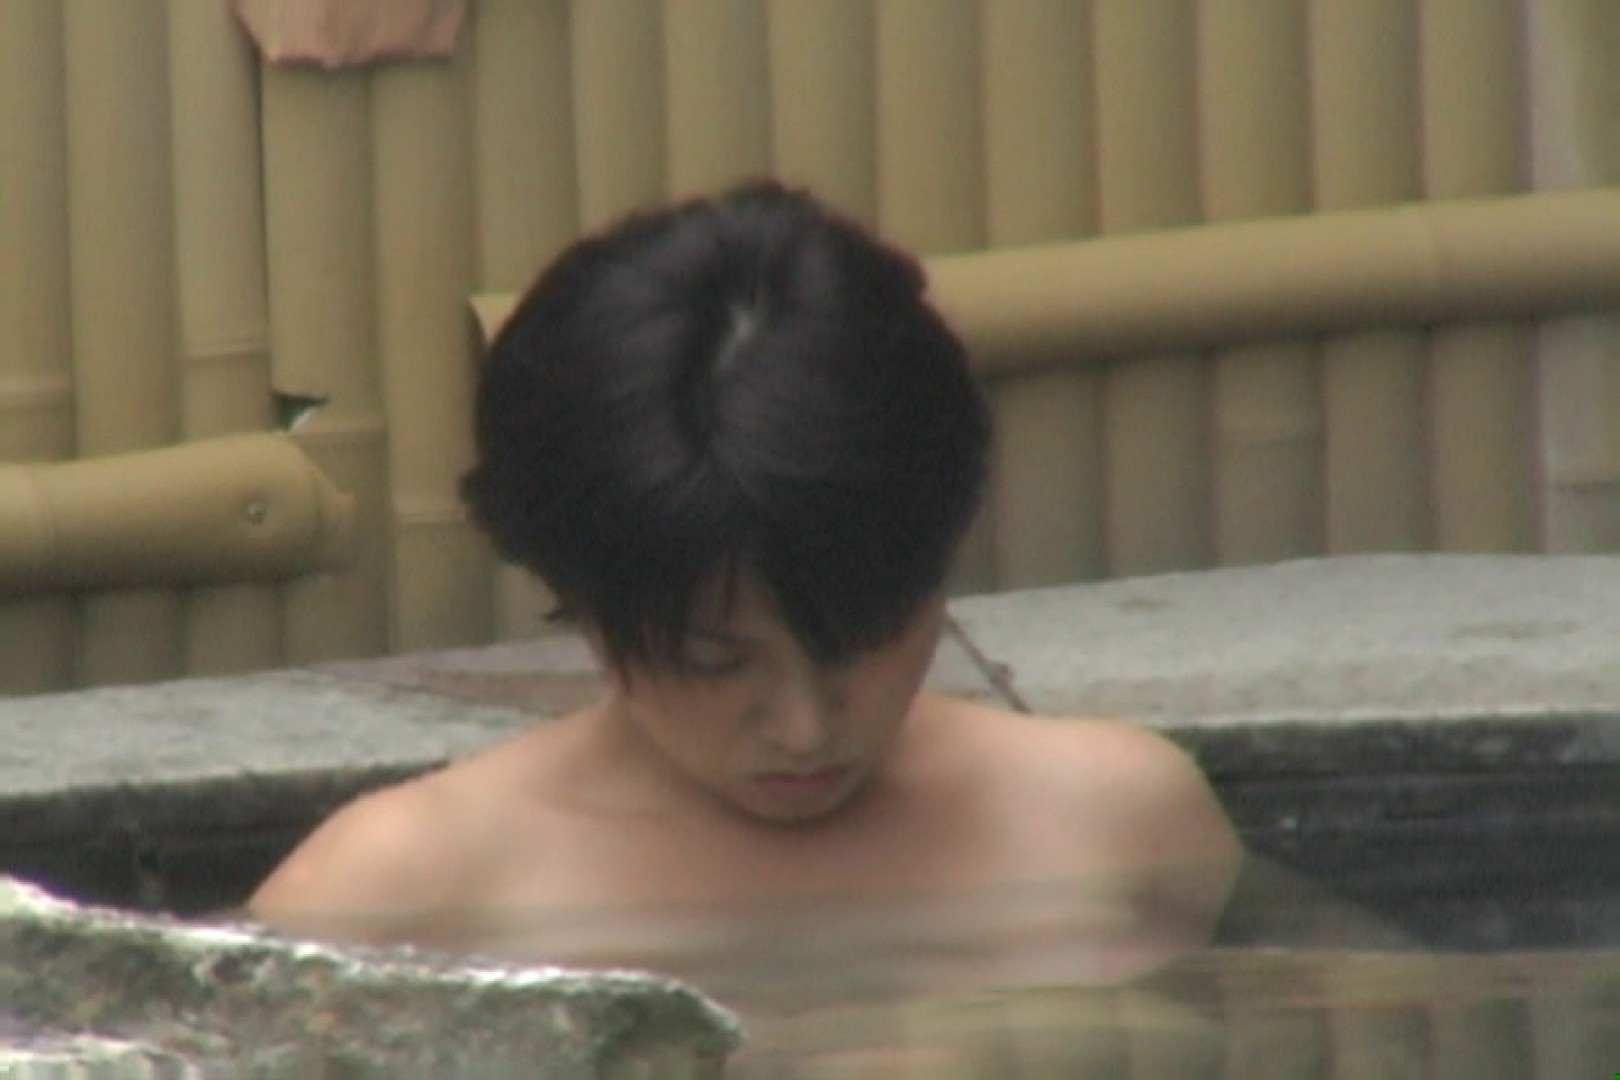 Aquaな露天風呂Vol.624 OLのエロ生活  41連発 27